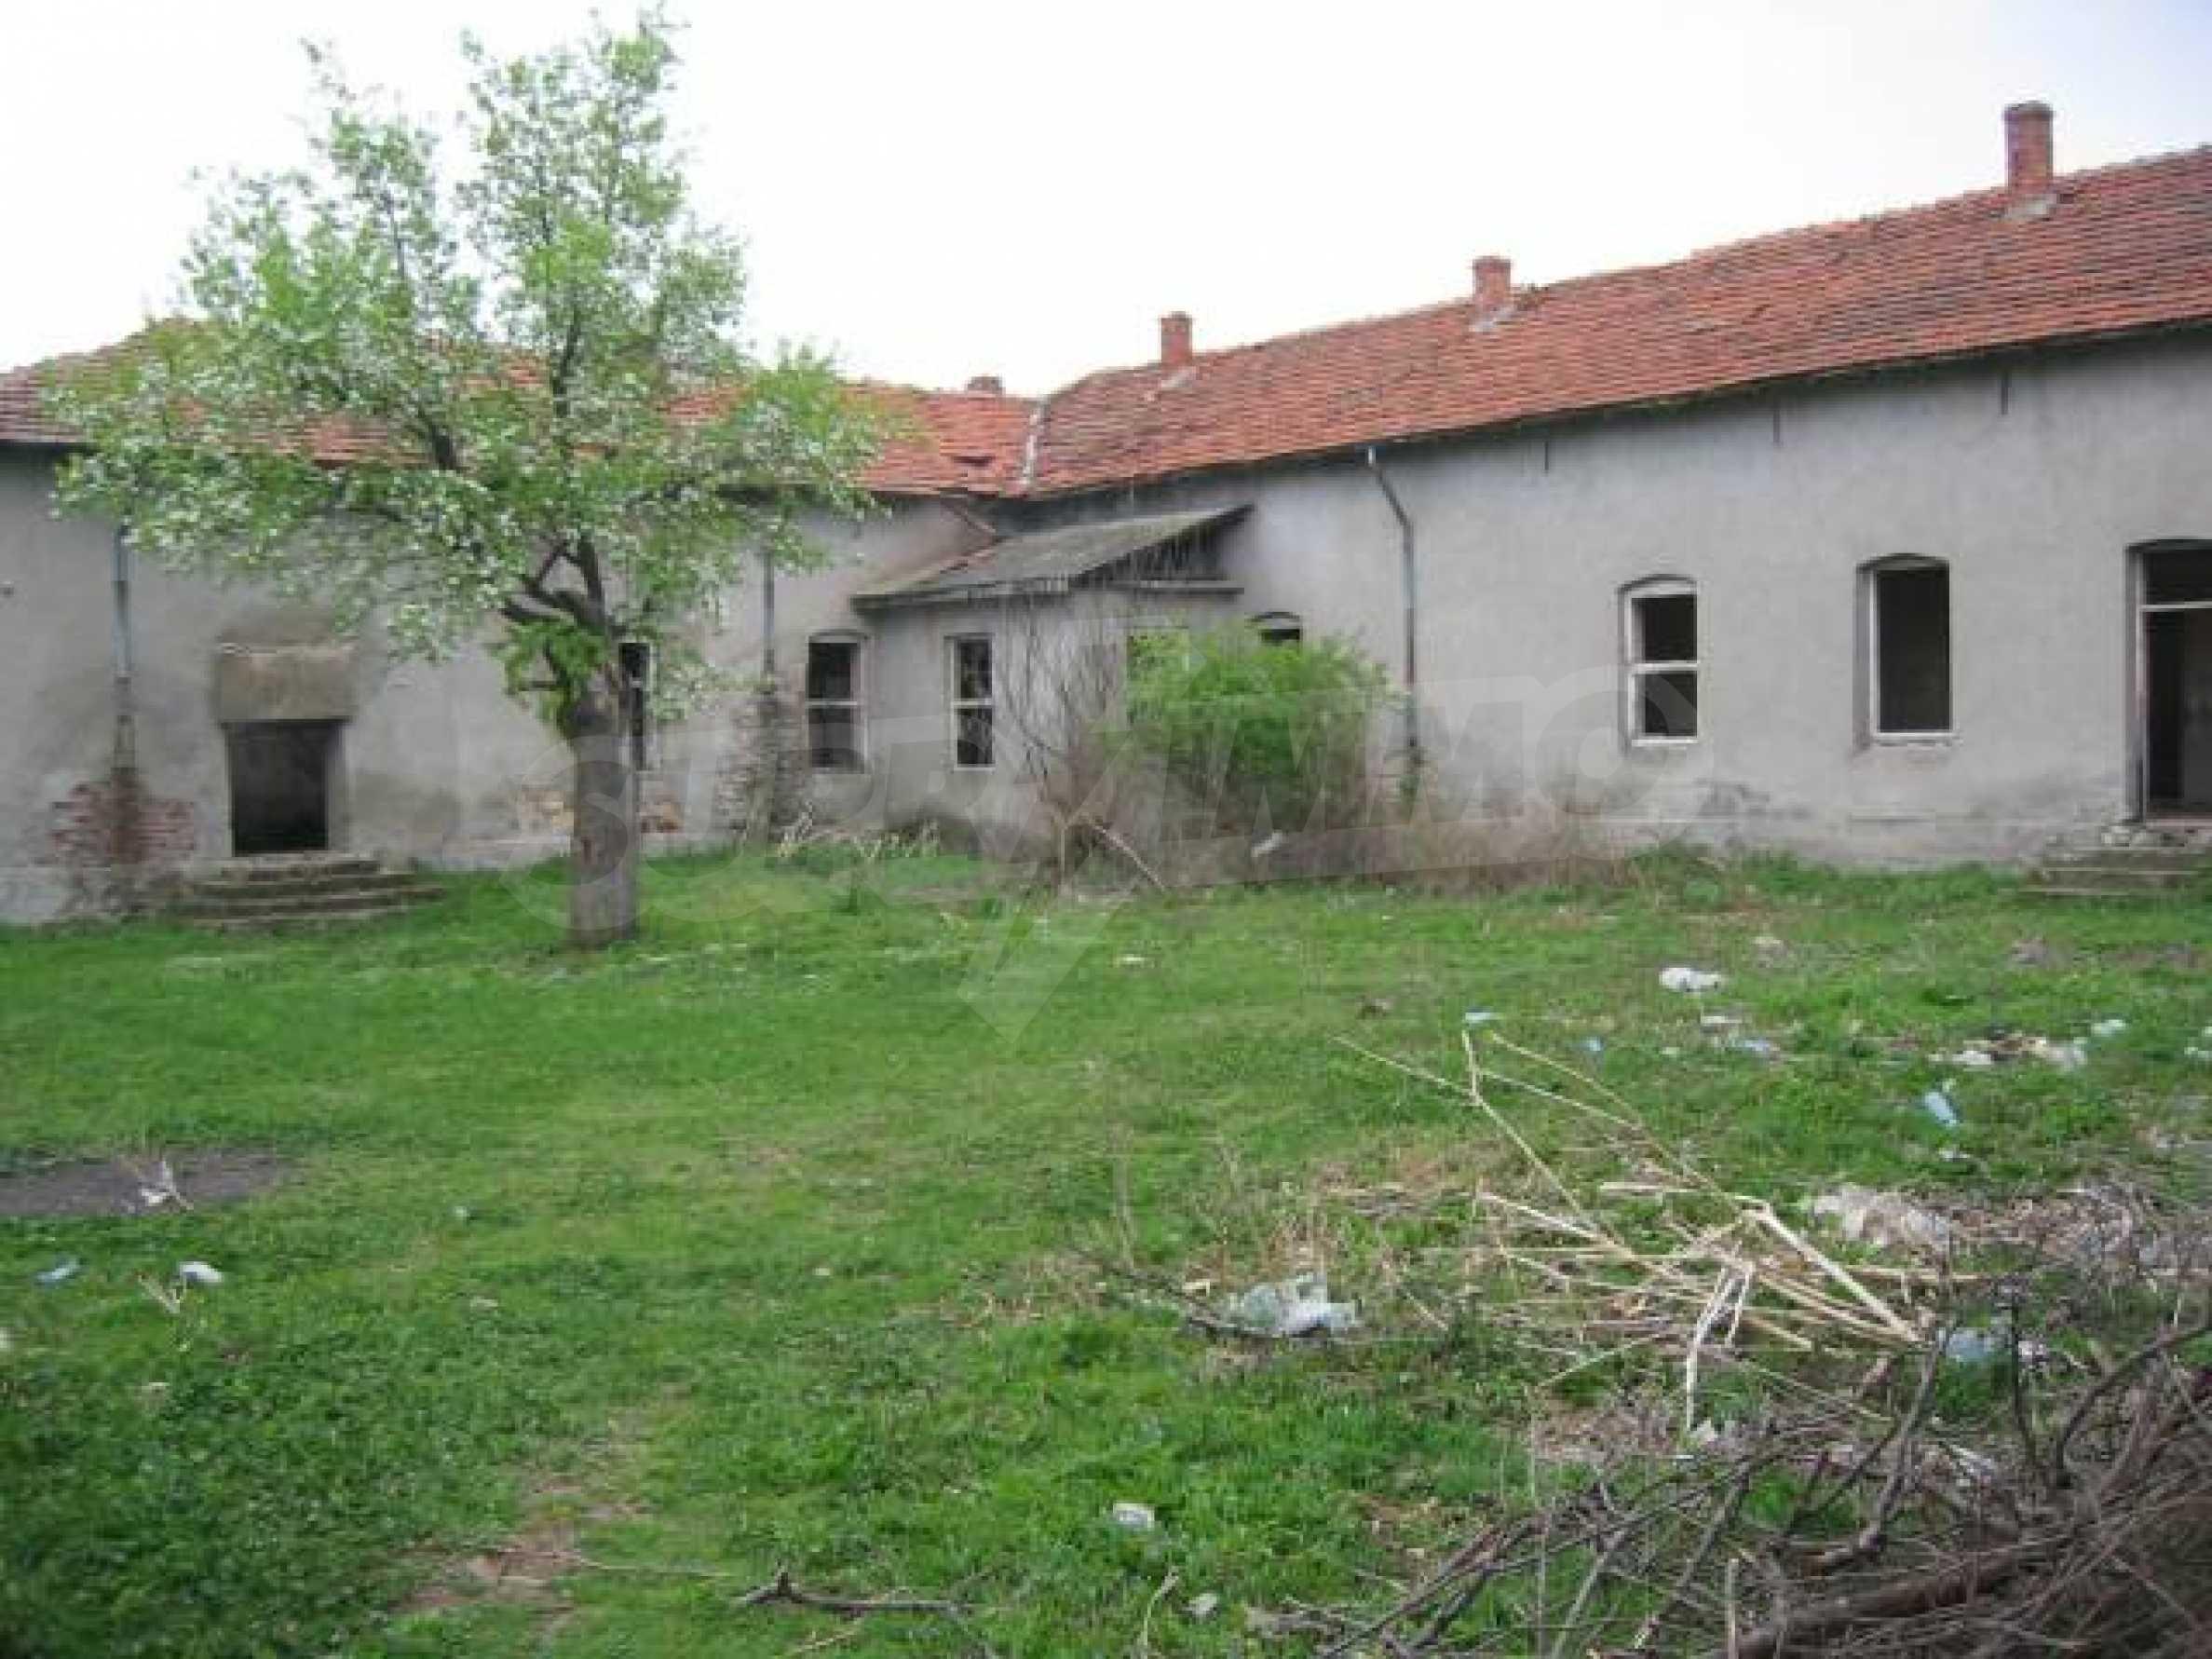 Другой тип недвижимости вблизи г. Хасково 7